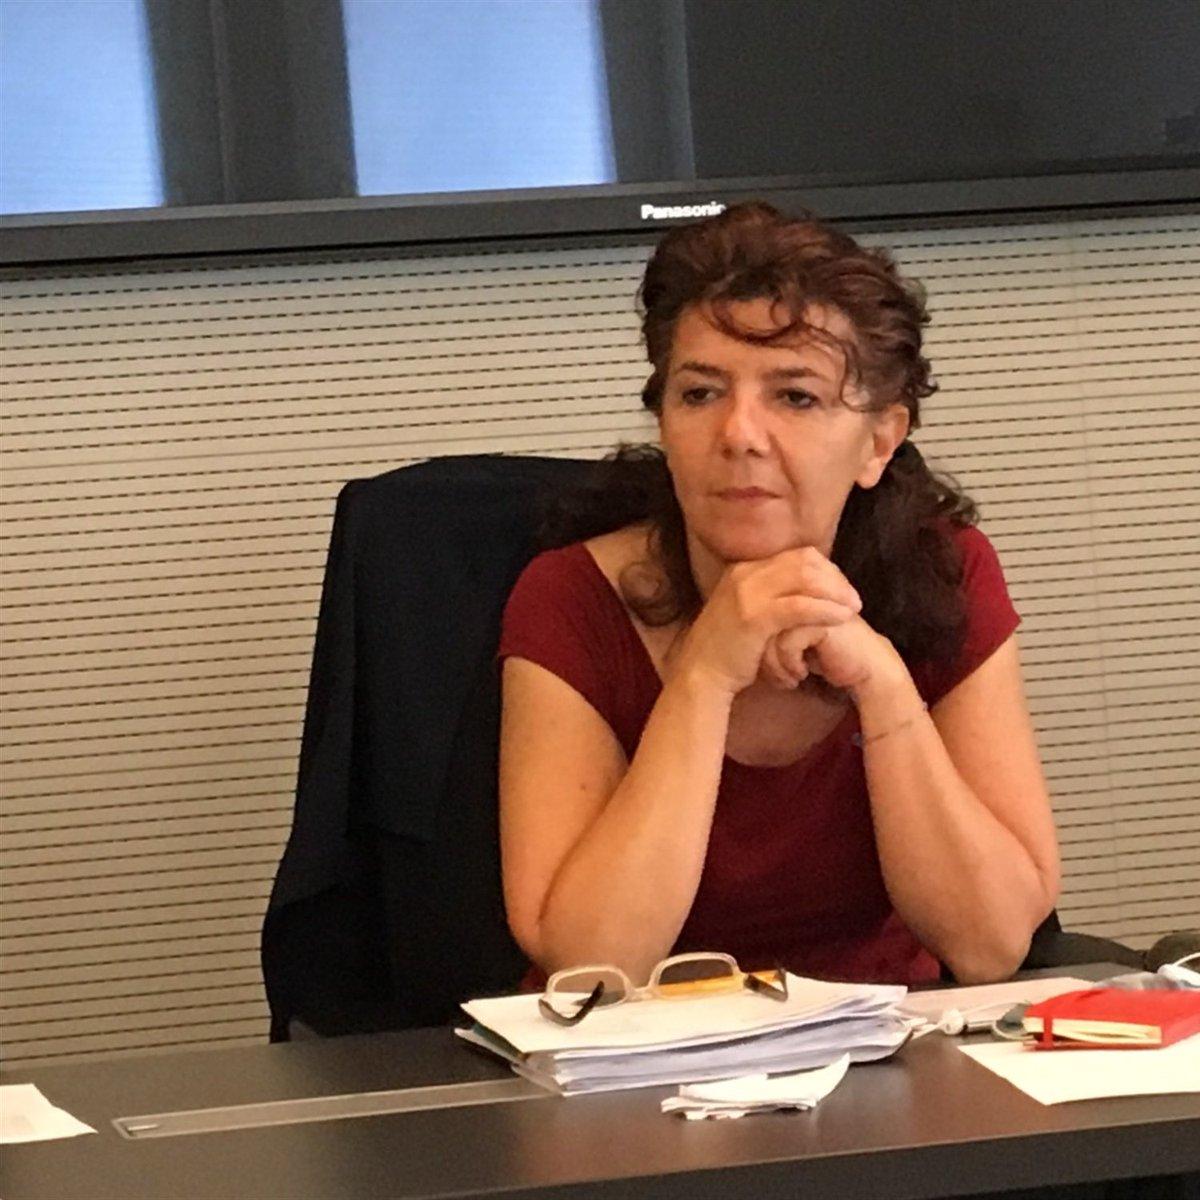 """Un grande in bocca al lupo a @valeria_negrini, da poco eletta portavoce del Forum #Terzosettore #Lombardia. """"Ora fare in modo di essere all'altezza di sfide importanti come l'attuazione della #riformaterzosettore"""", ha detto. http:// www.forumterzosettore.it/2018/06/22/valeria-negrini-e-la-nuova-portavoce-del-forum-terzo-settore-lombardia/  - Ukustom"""